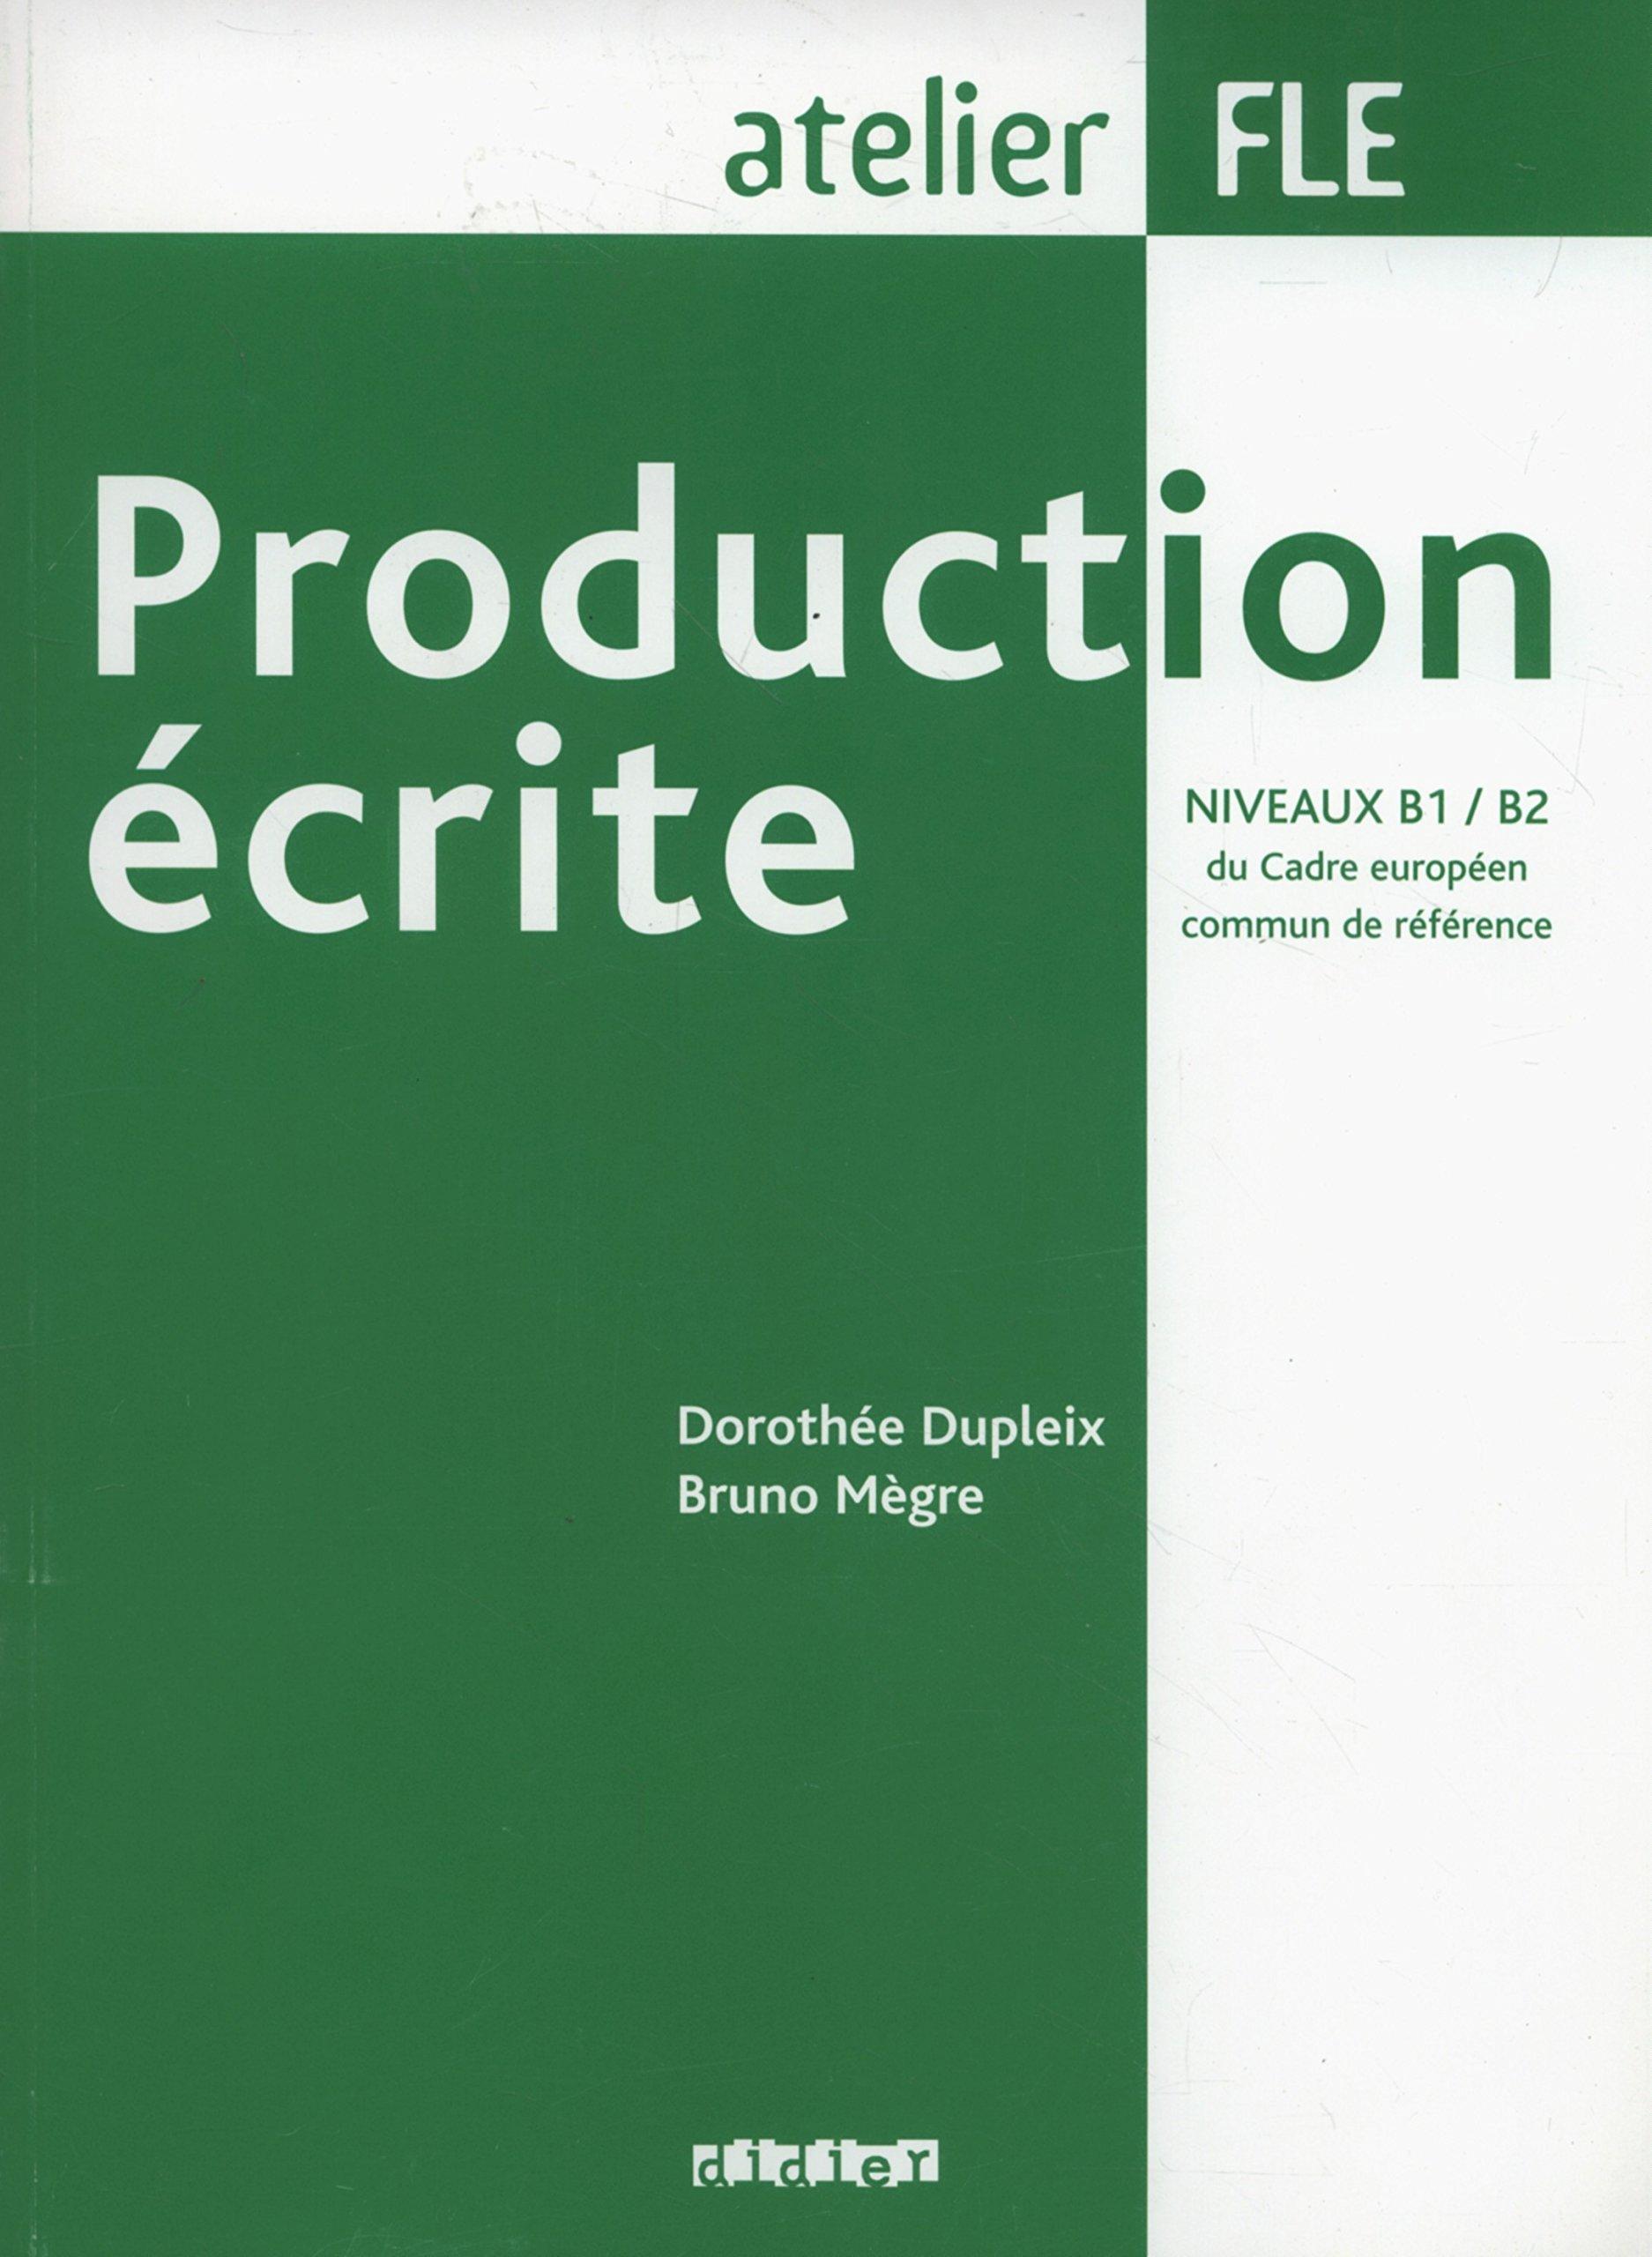 Production écrite Niveaux B1/B2 du Cadre européen commun de référence Broché – 31 janvier 2007 Dorothée Dupleix Bruno Mègre Didier 2278058266